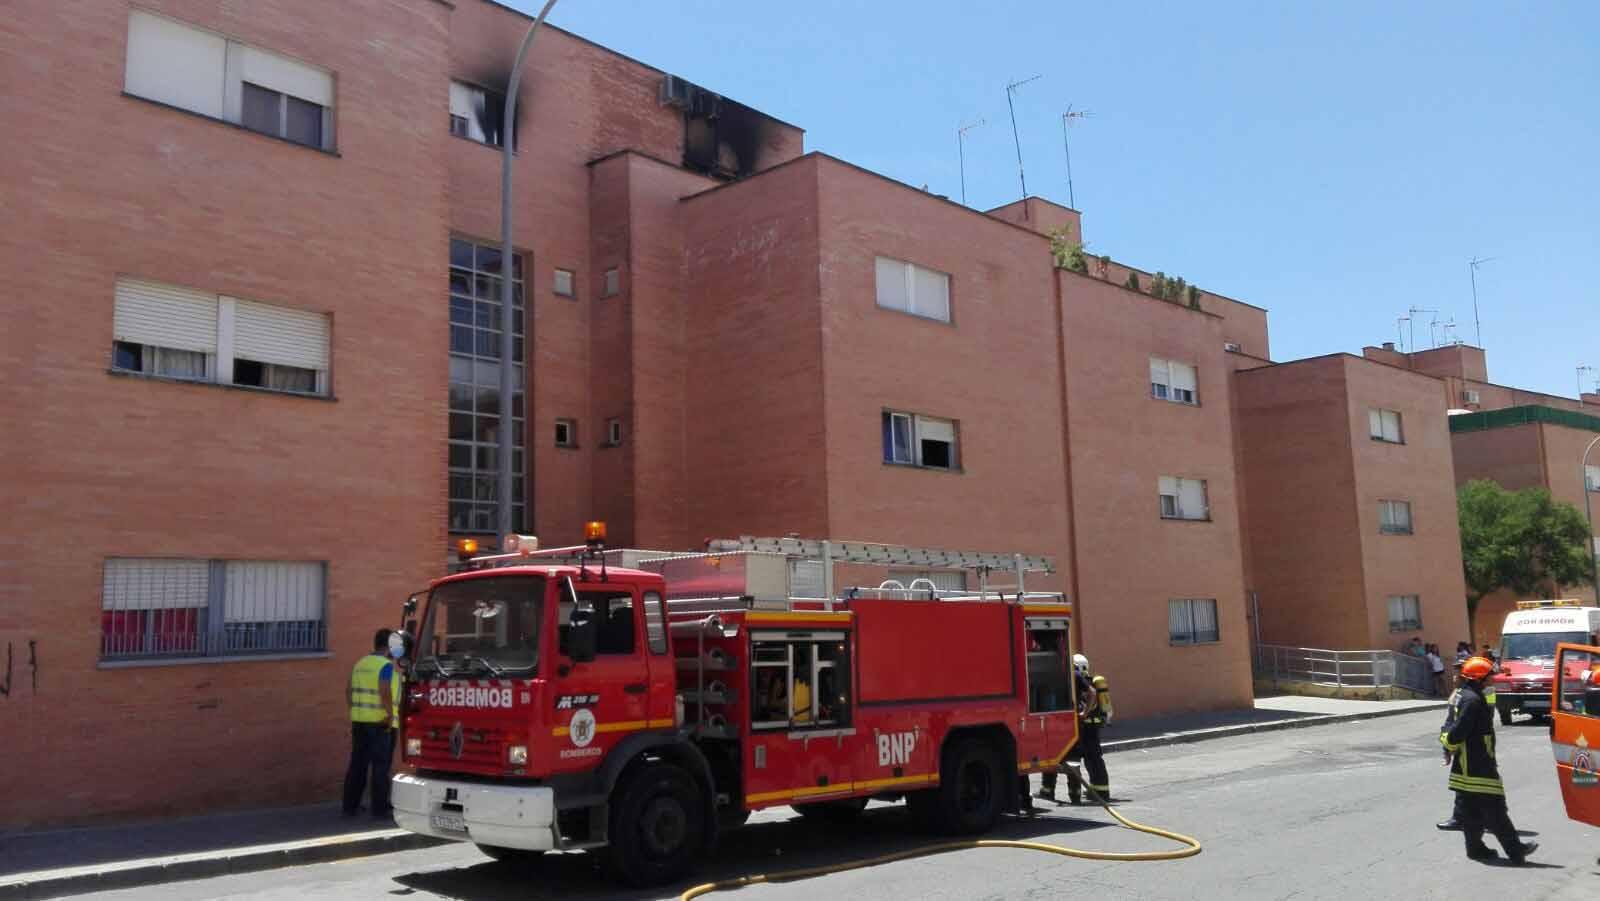 La medida trata de evitar los incendios en los domicilios